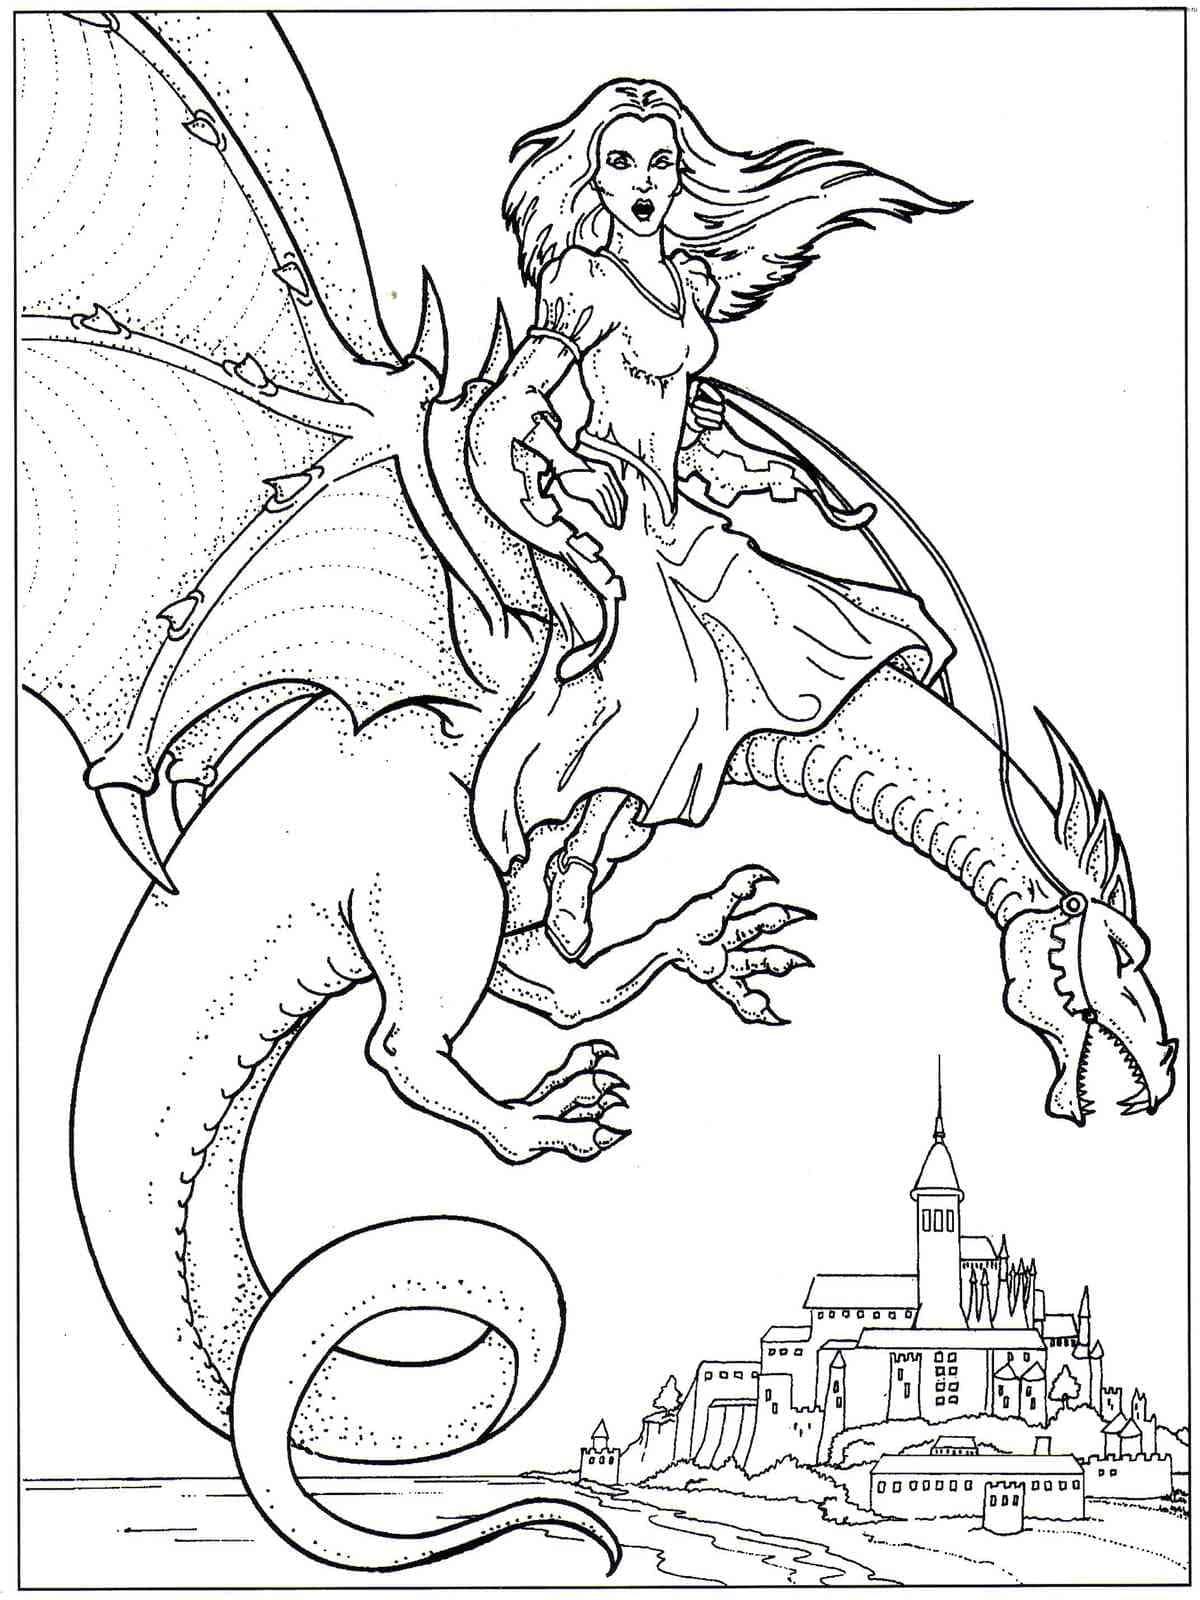 Draghi pagine da colorare. 100 immagini in bianco e nero gratis